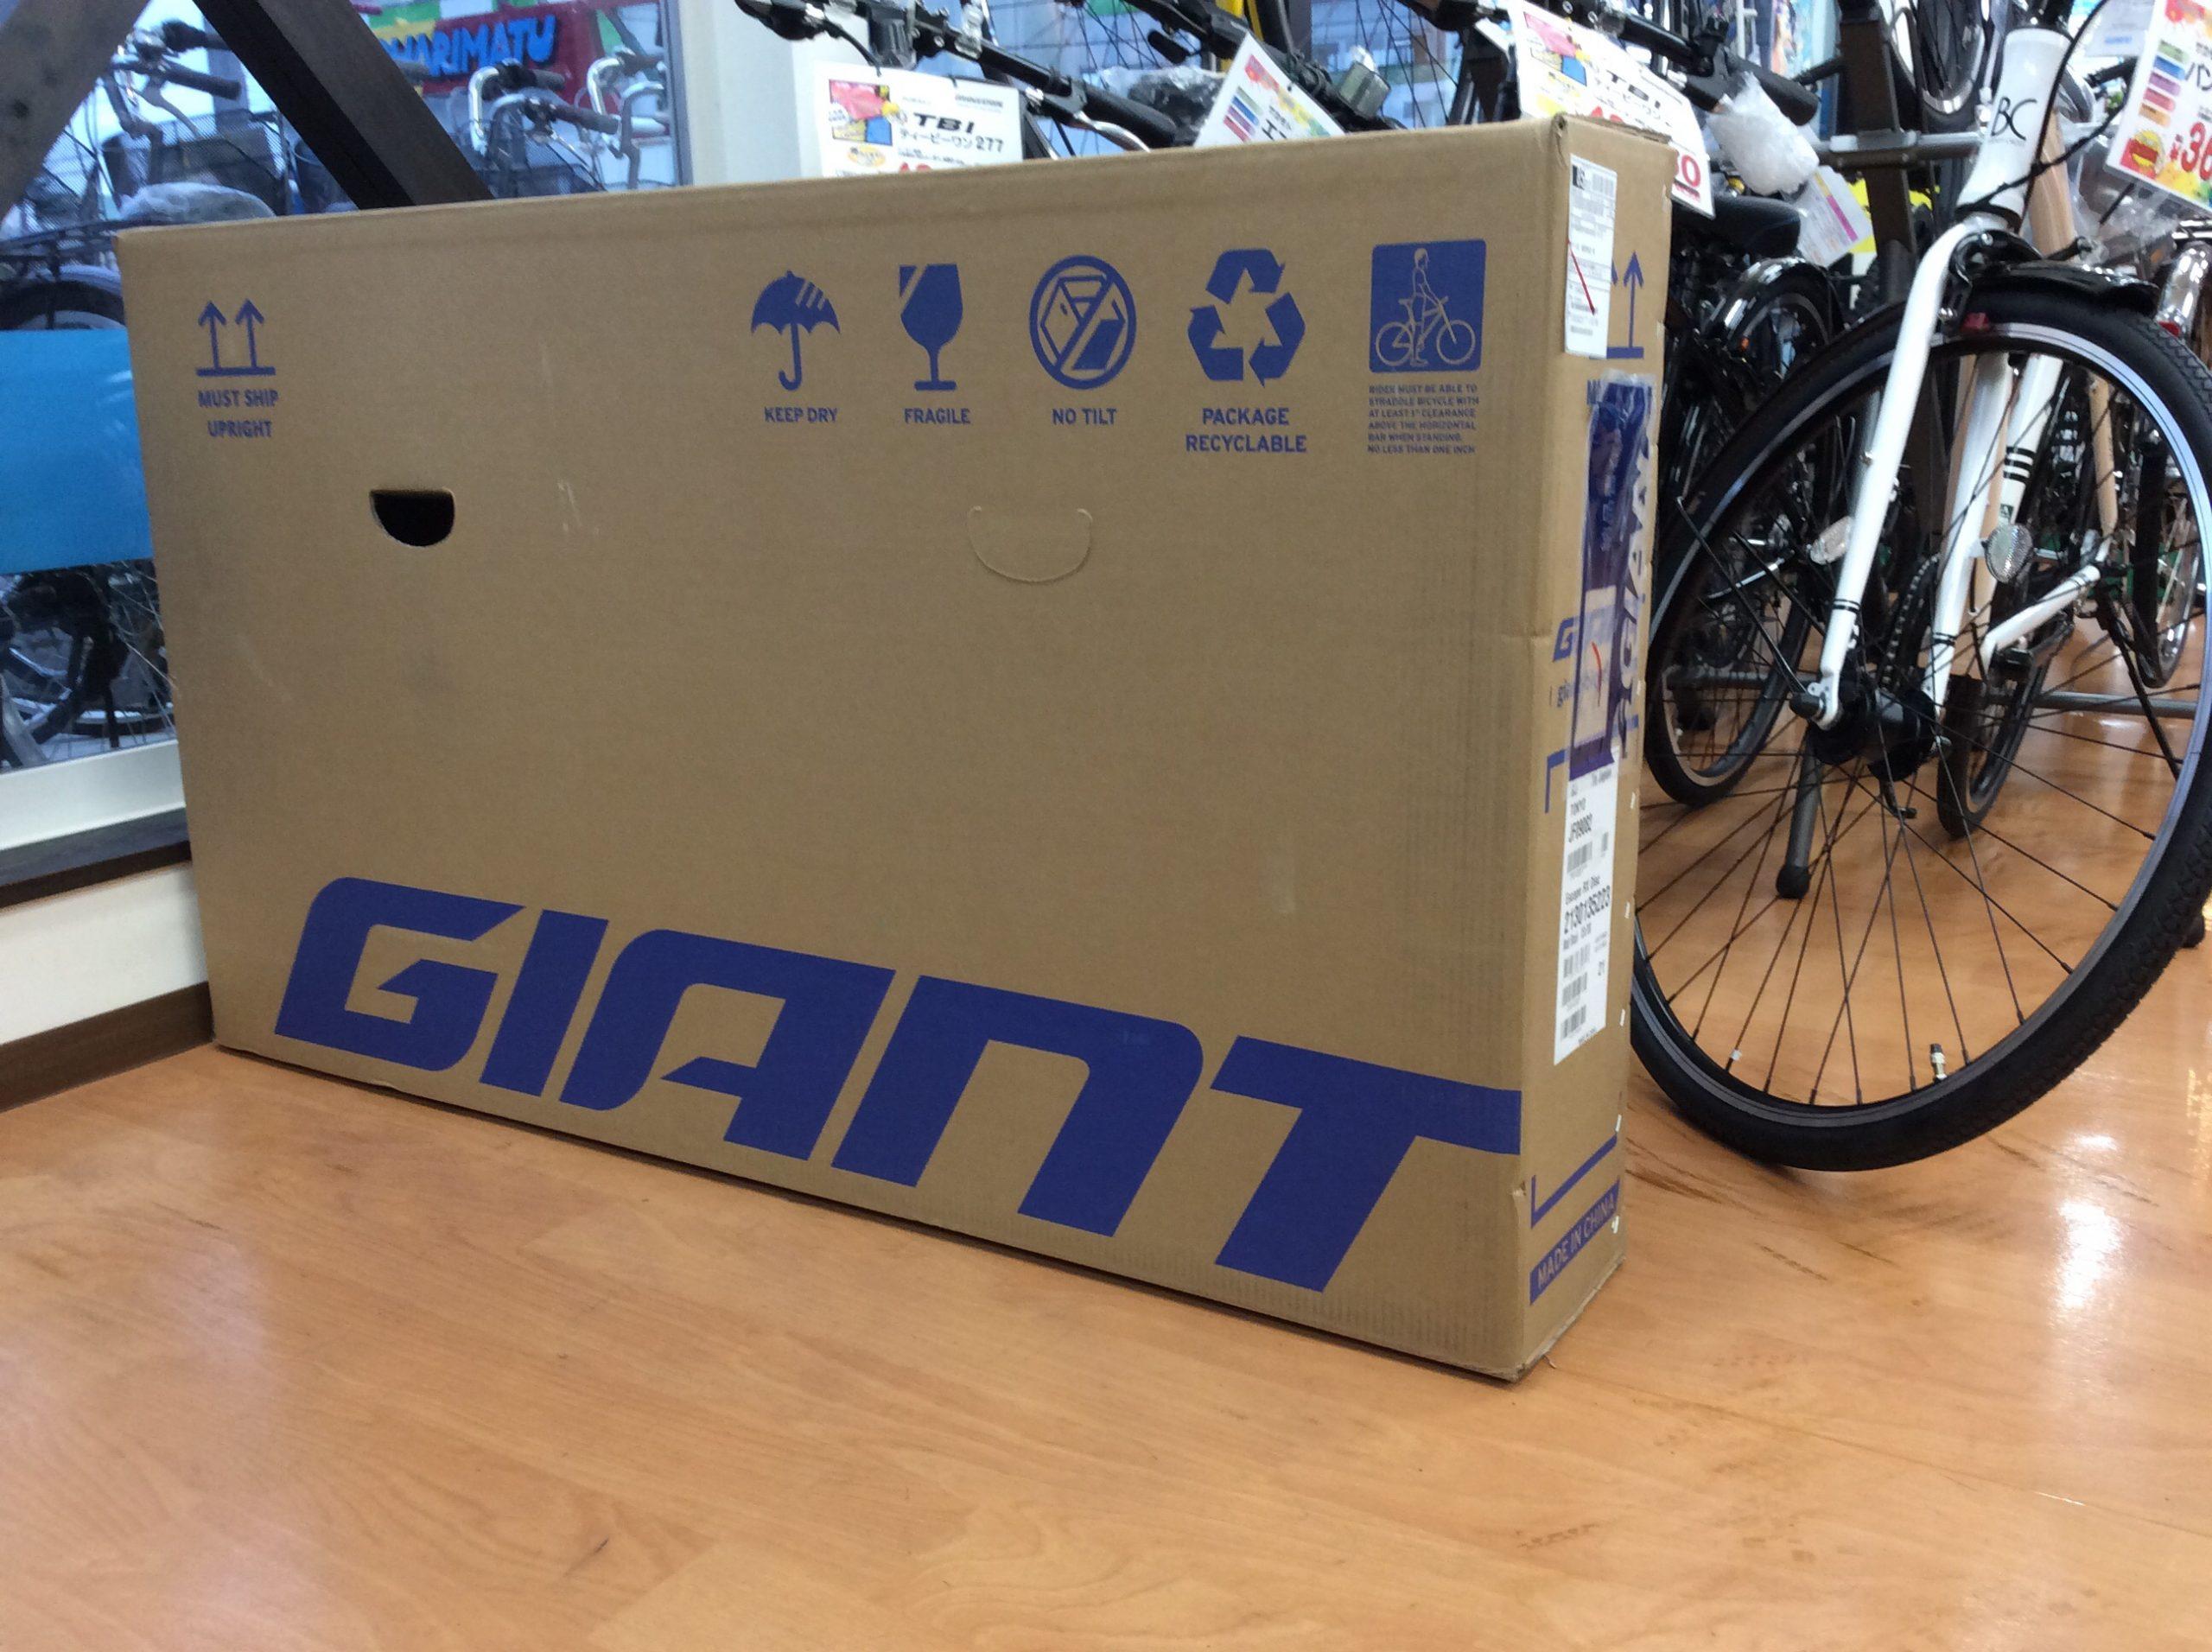 【入荷情報】GIANT エスケープRXディスク 2021年モデル